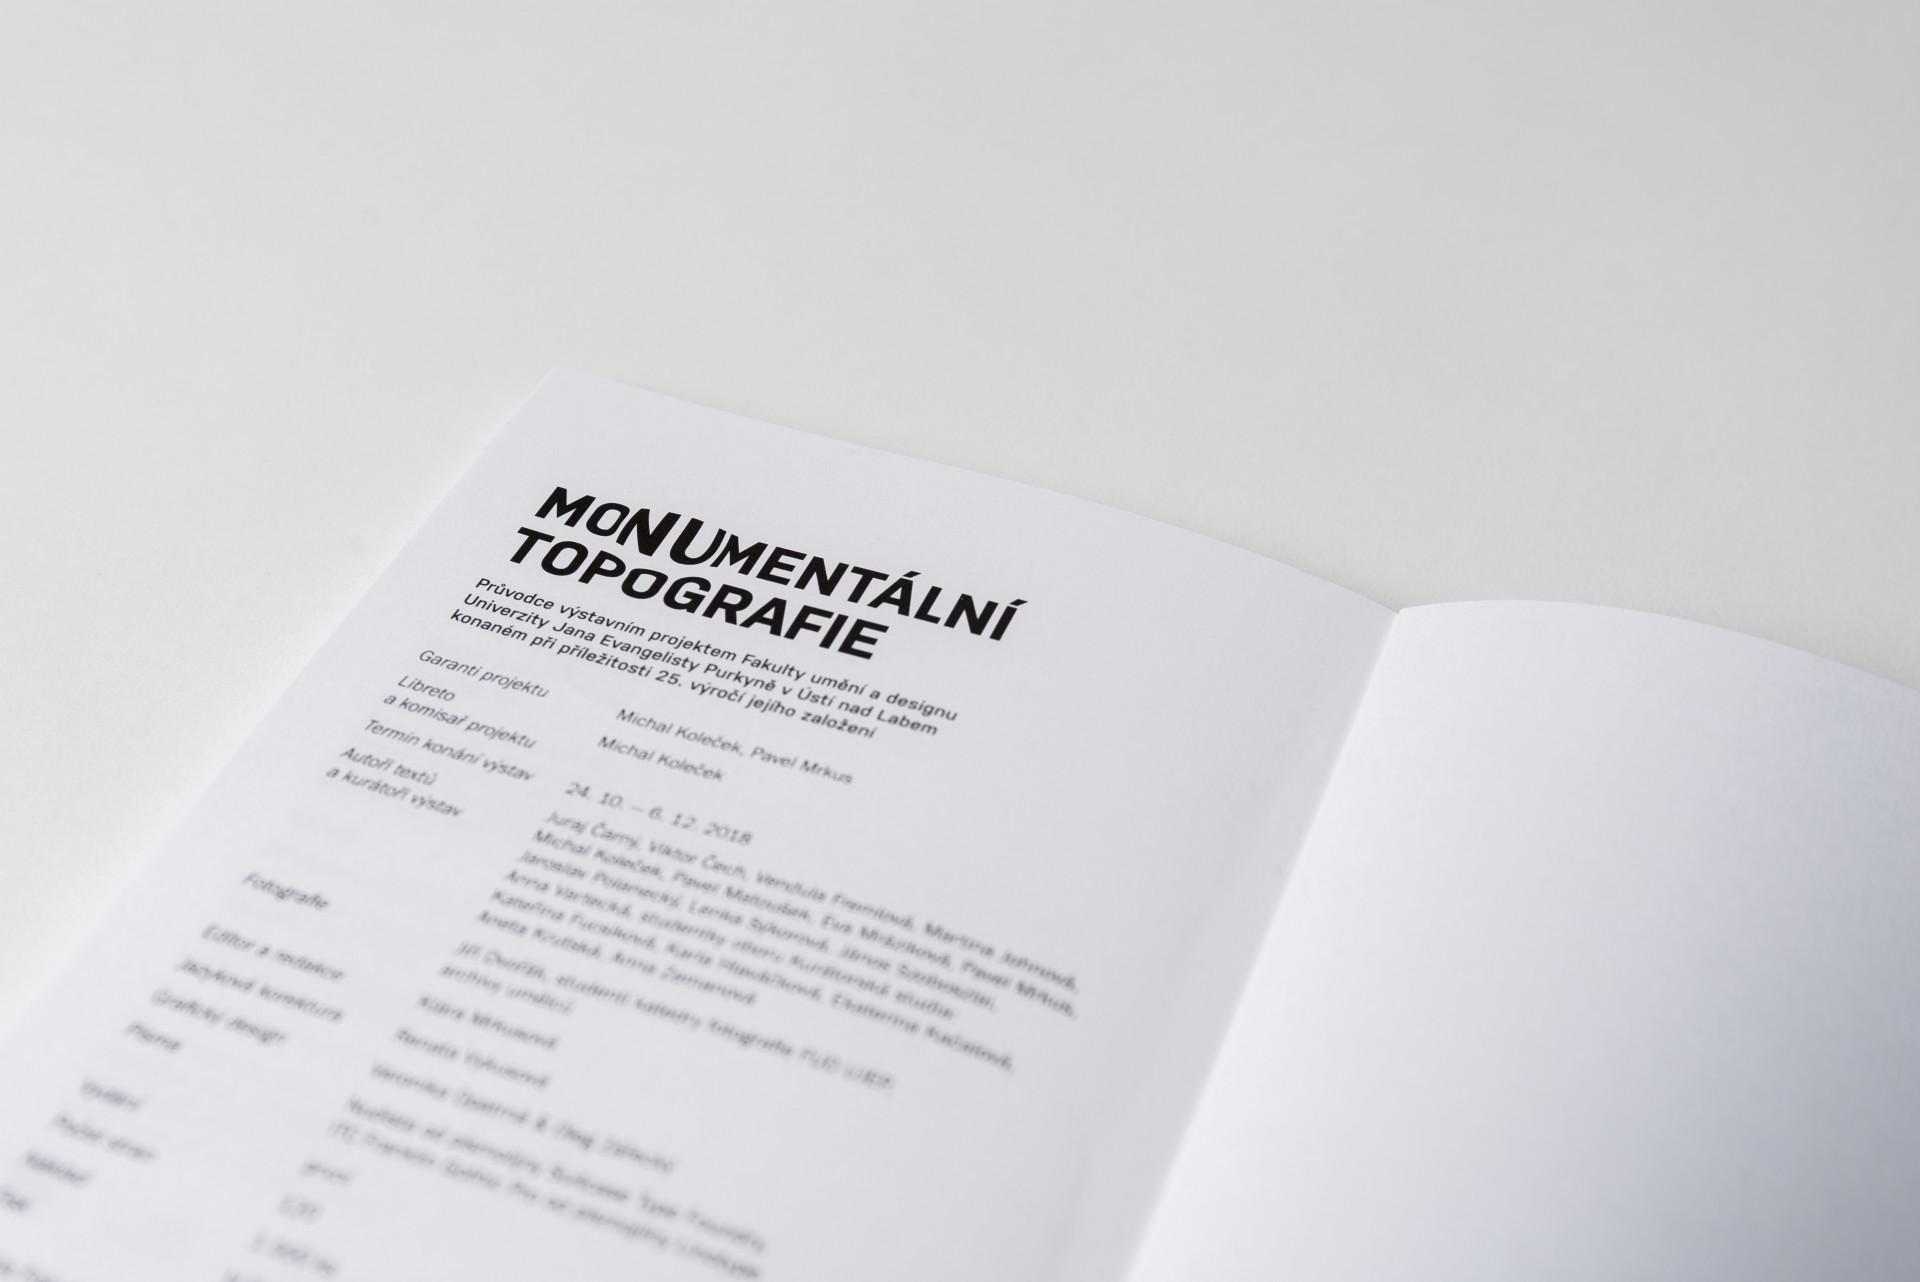 monumentalni_topografie-14